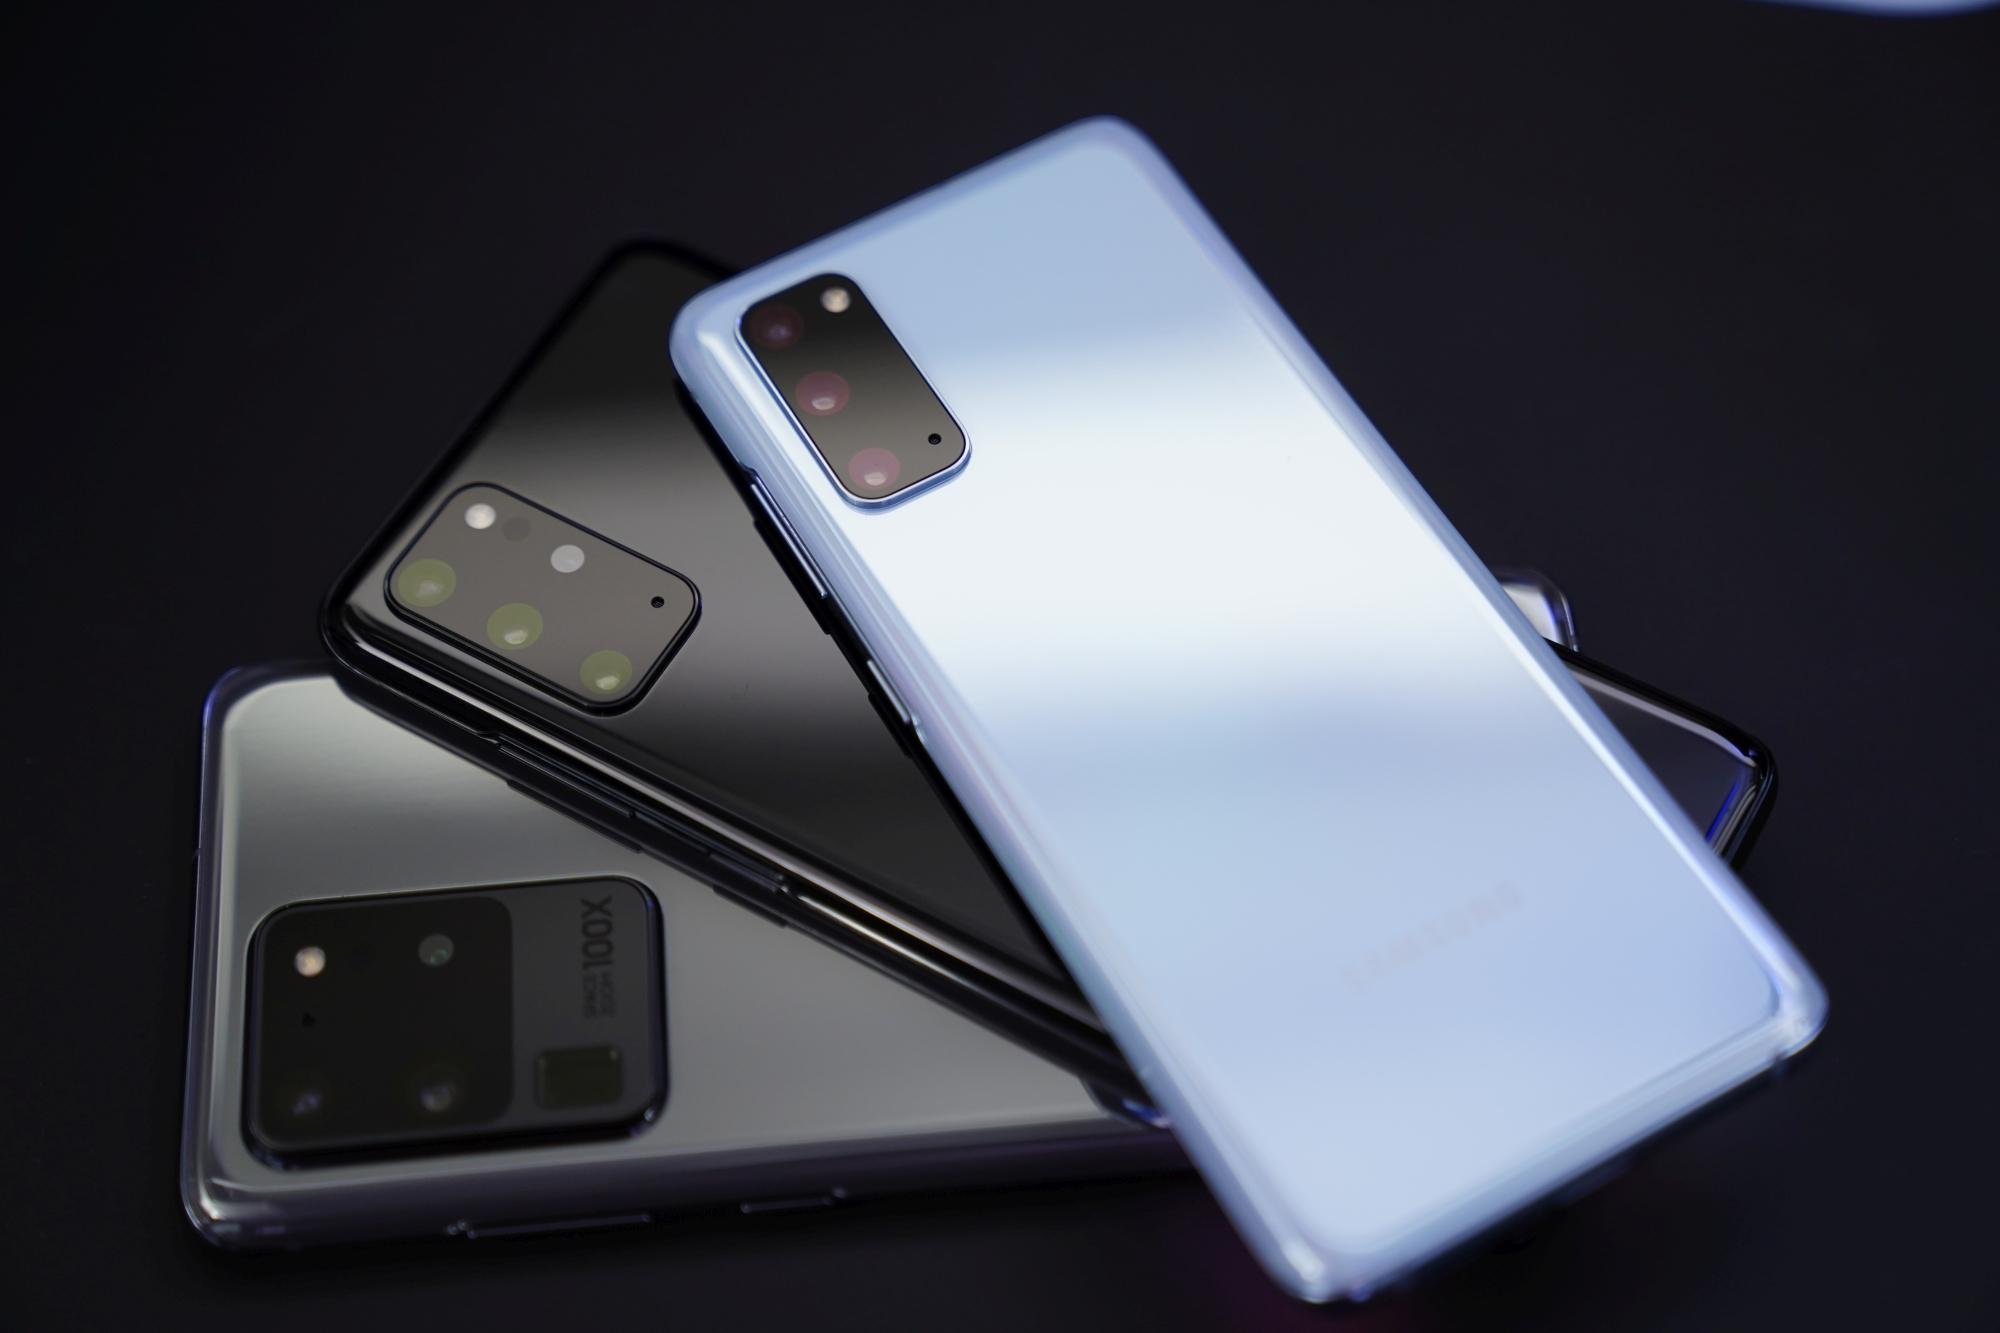 W Polsce wystartowała sprzedaż Samsungów z serii Galaxy S20! 21